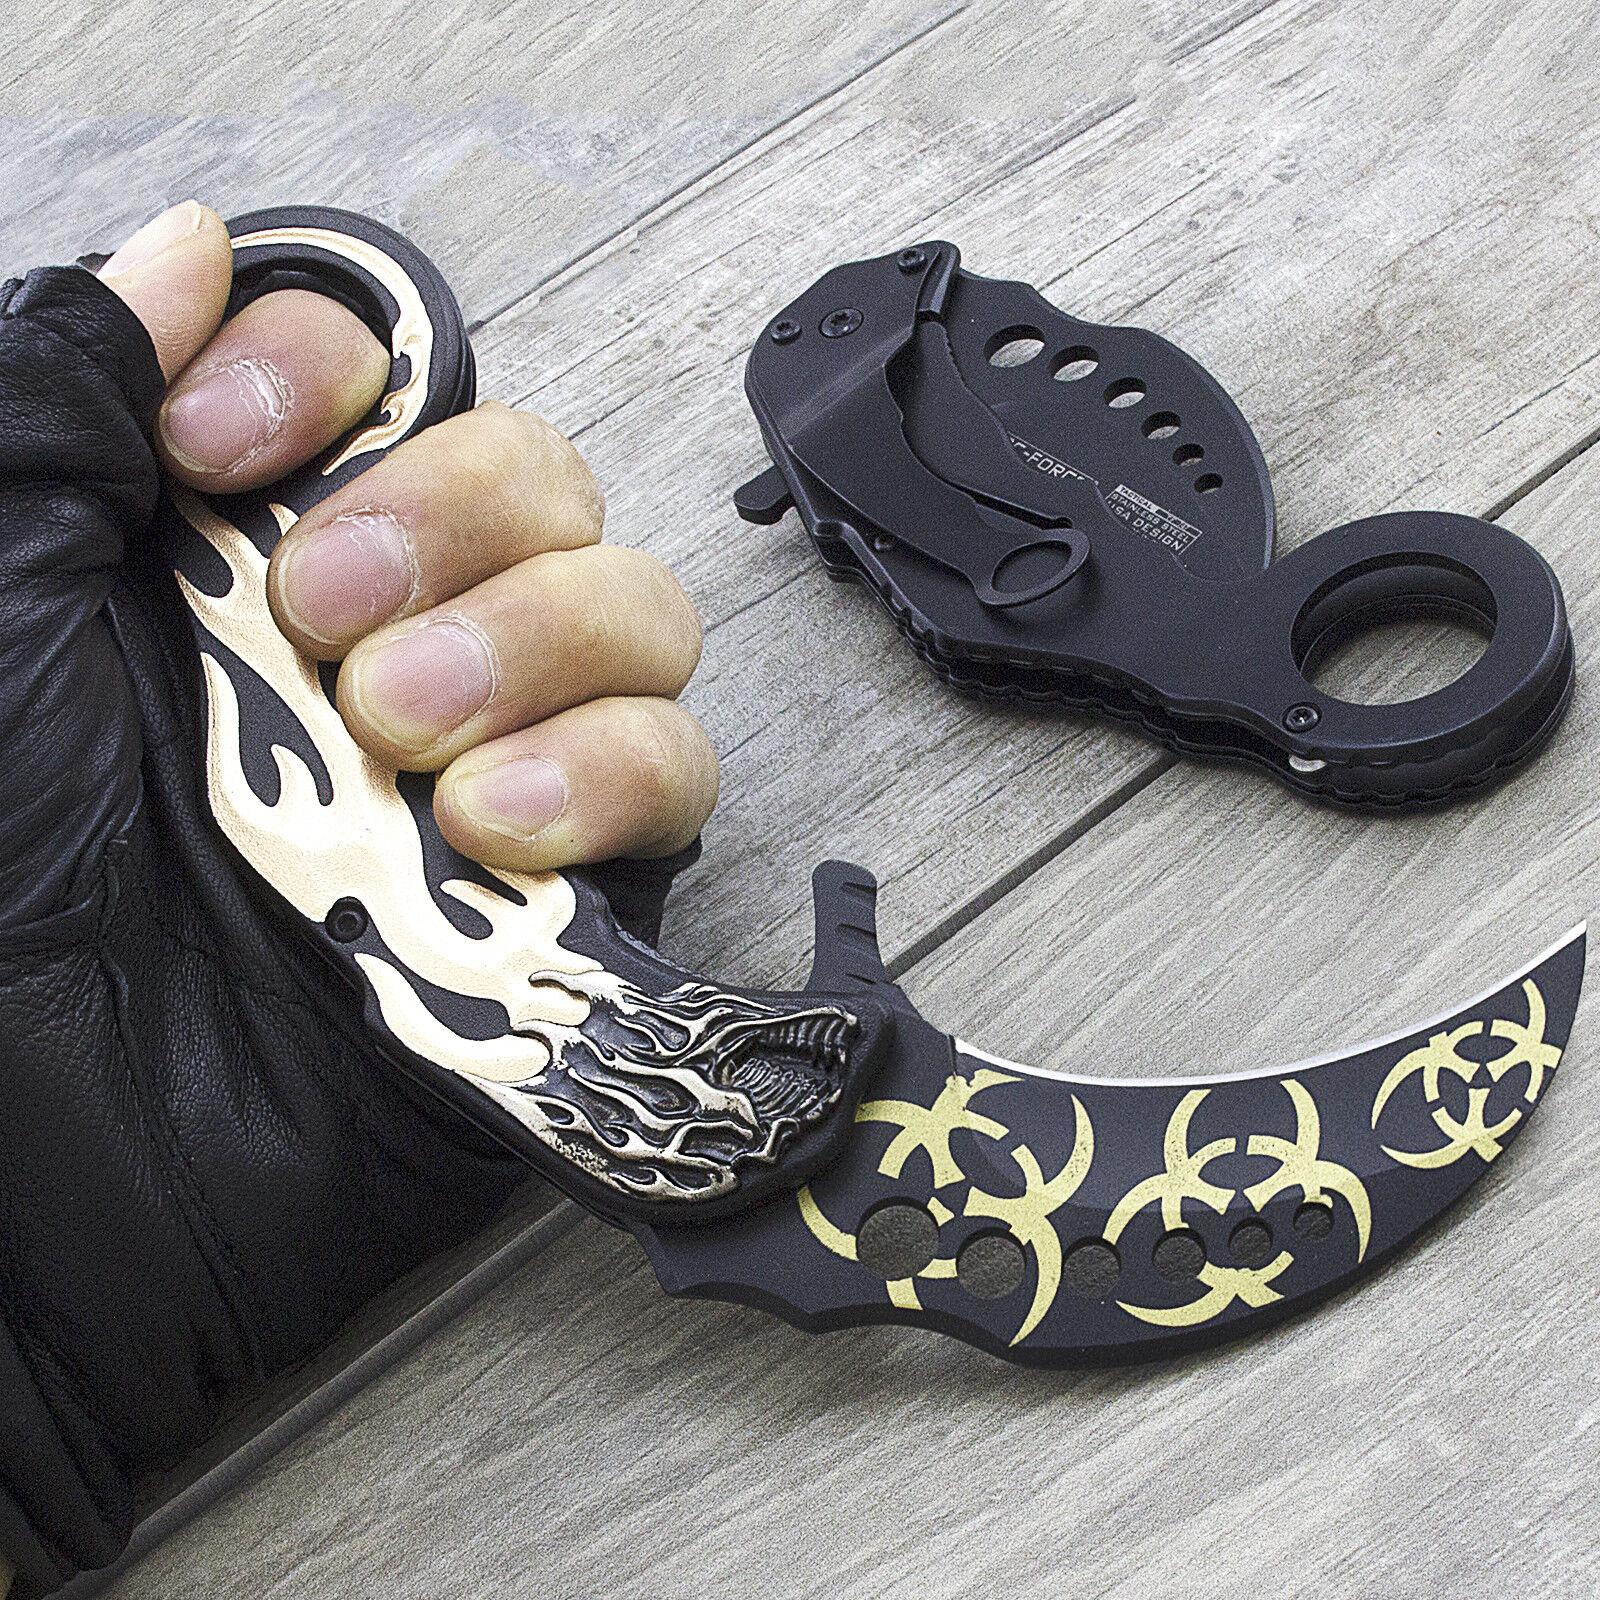 """8"""" TAC FORCE KARAMBIT SPRING ASSISTED TACTICAL FOLDING KNIFE Blade Pocket Open"""